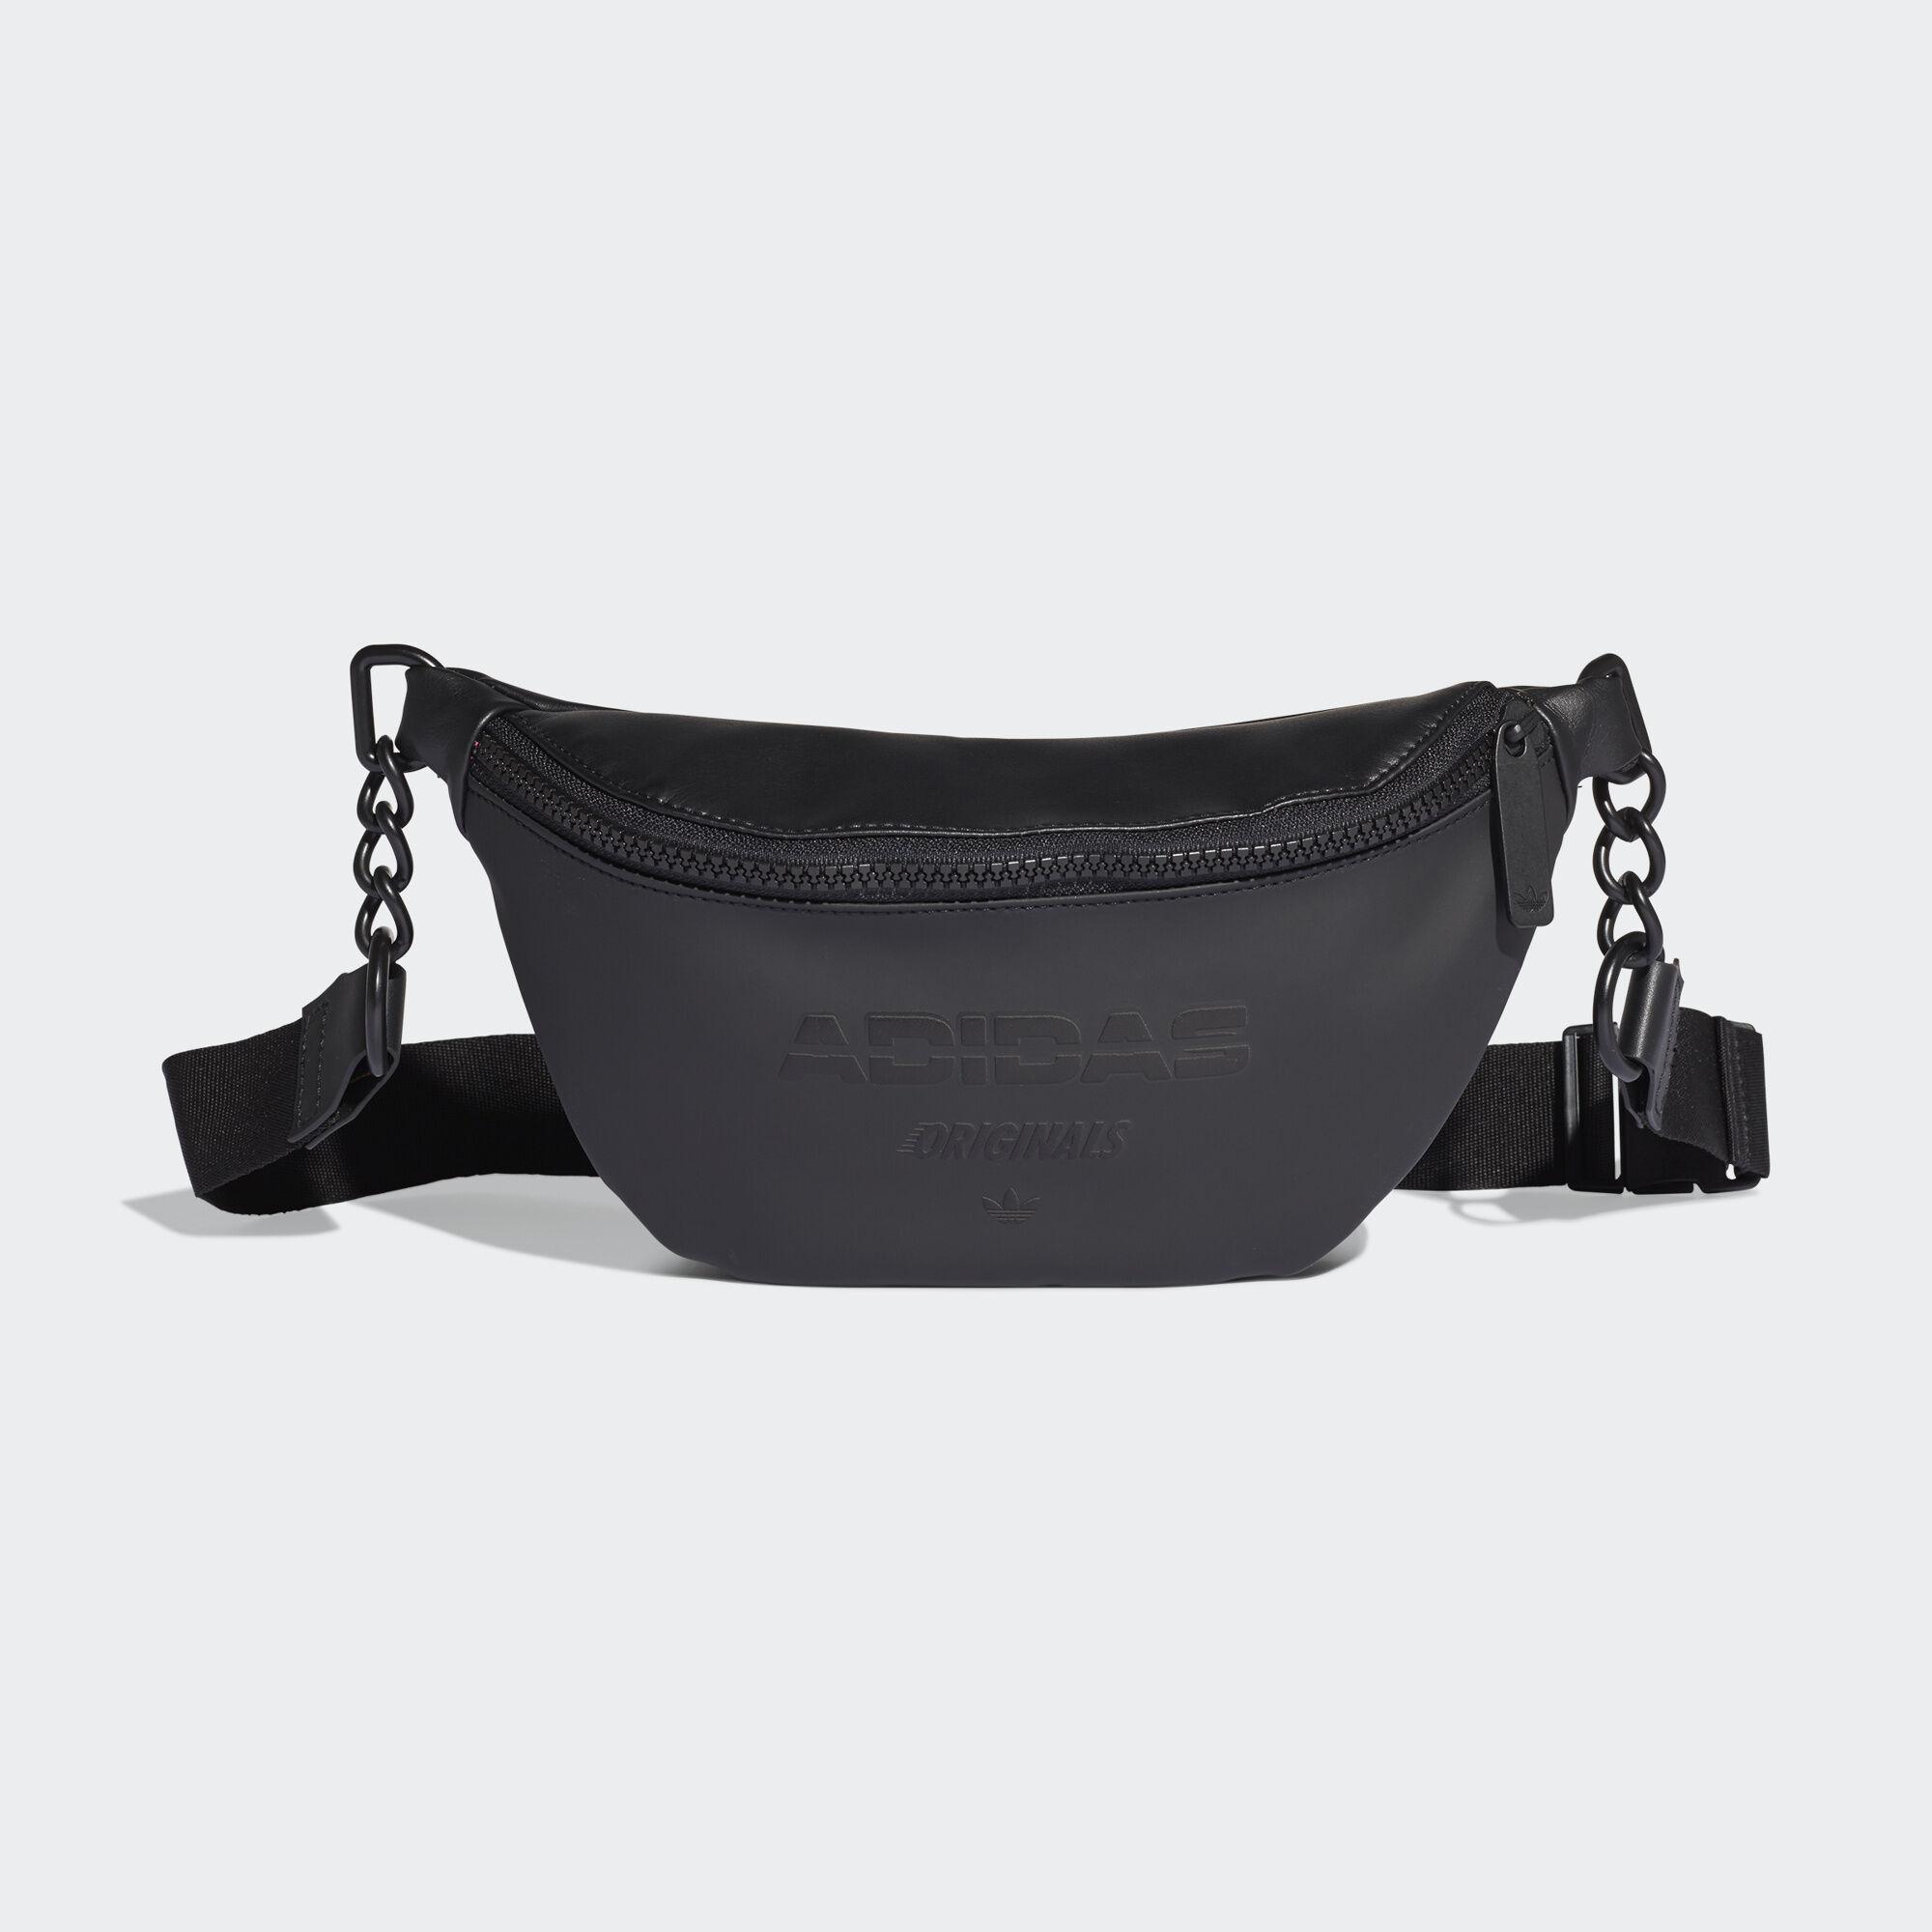 Adidas Bum Bag Black Adidas Regional